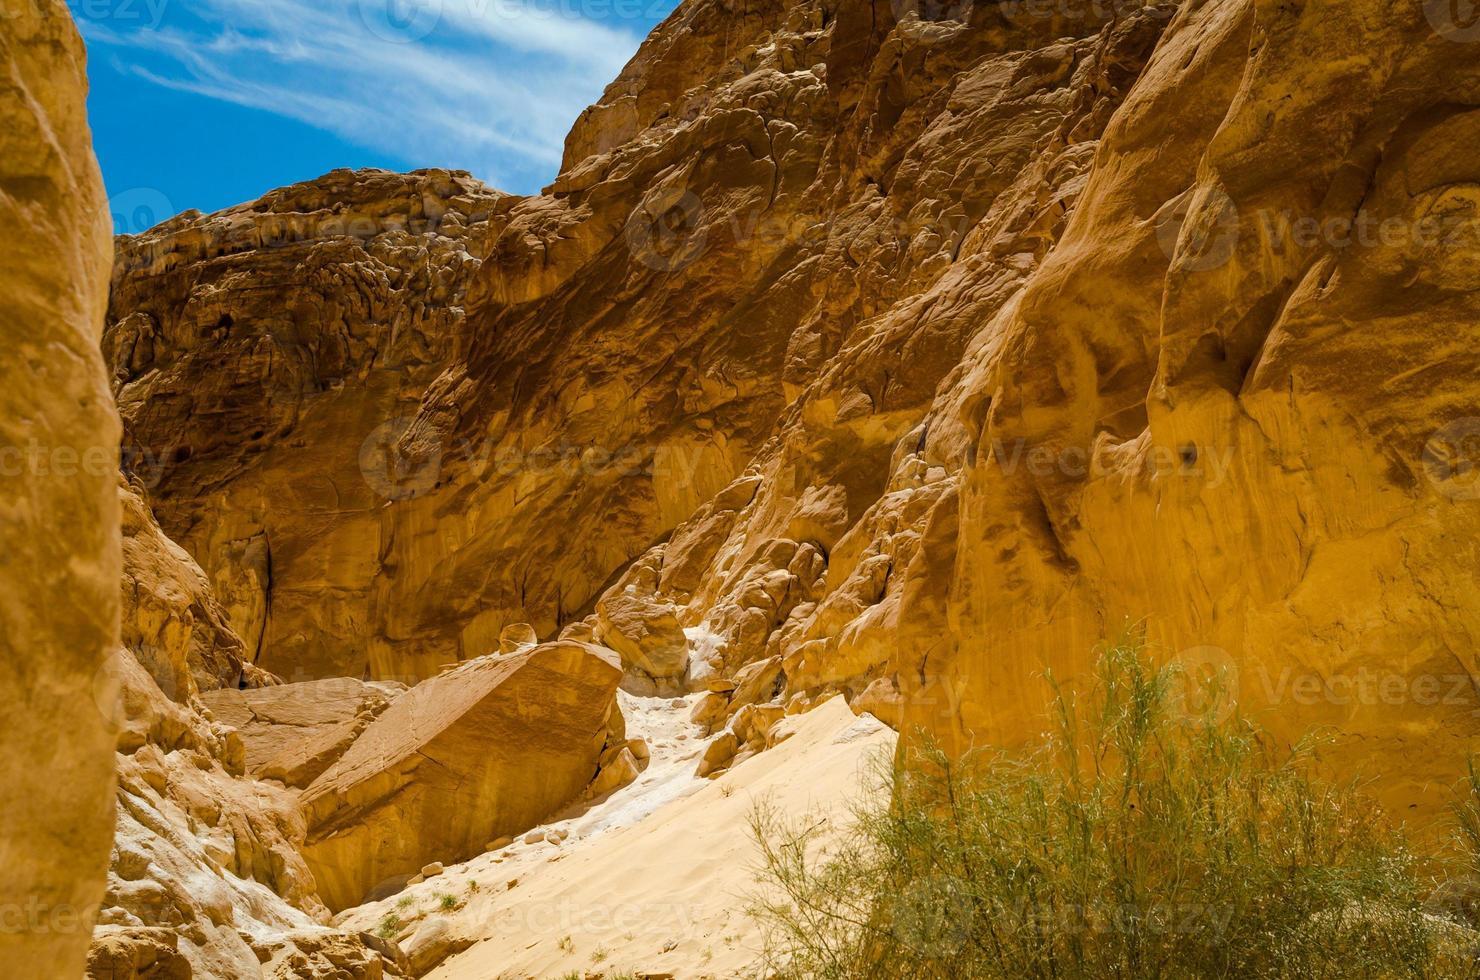 roches brunes dans un canyon photo